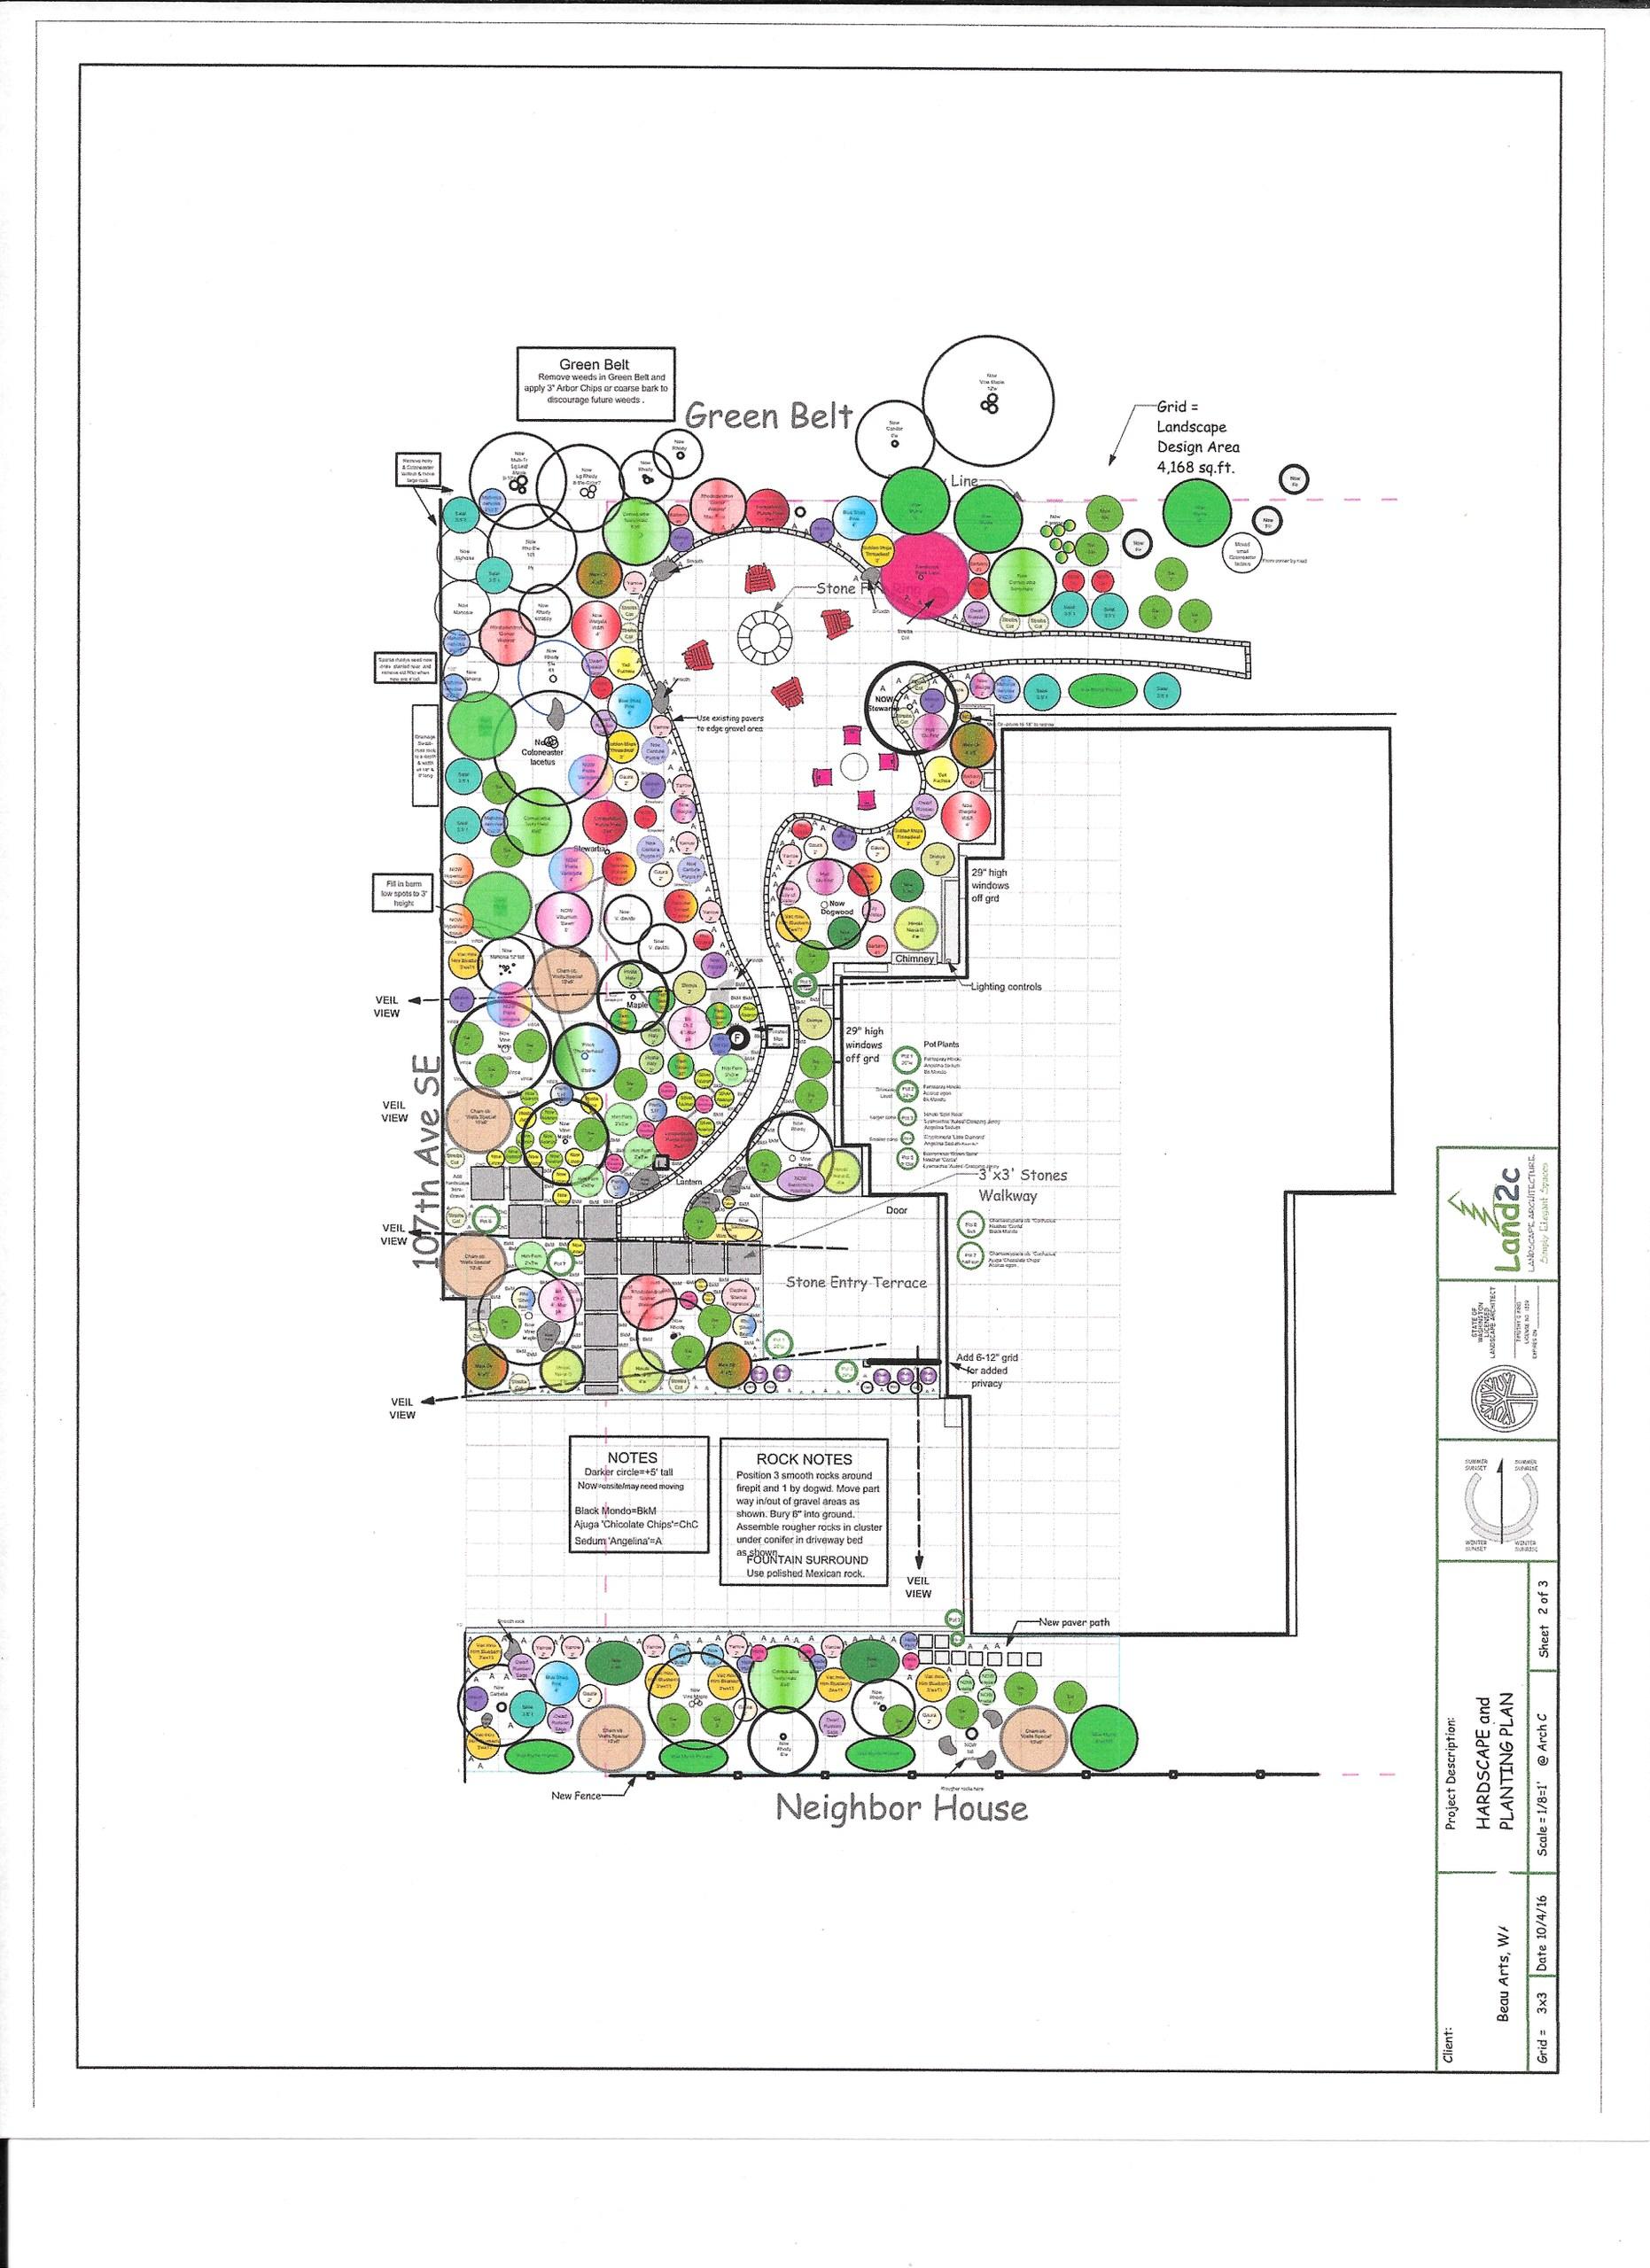 Land2c Process & Deliverables